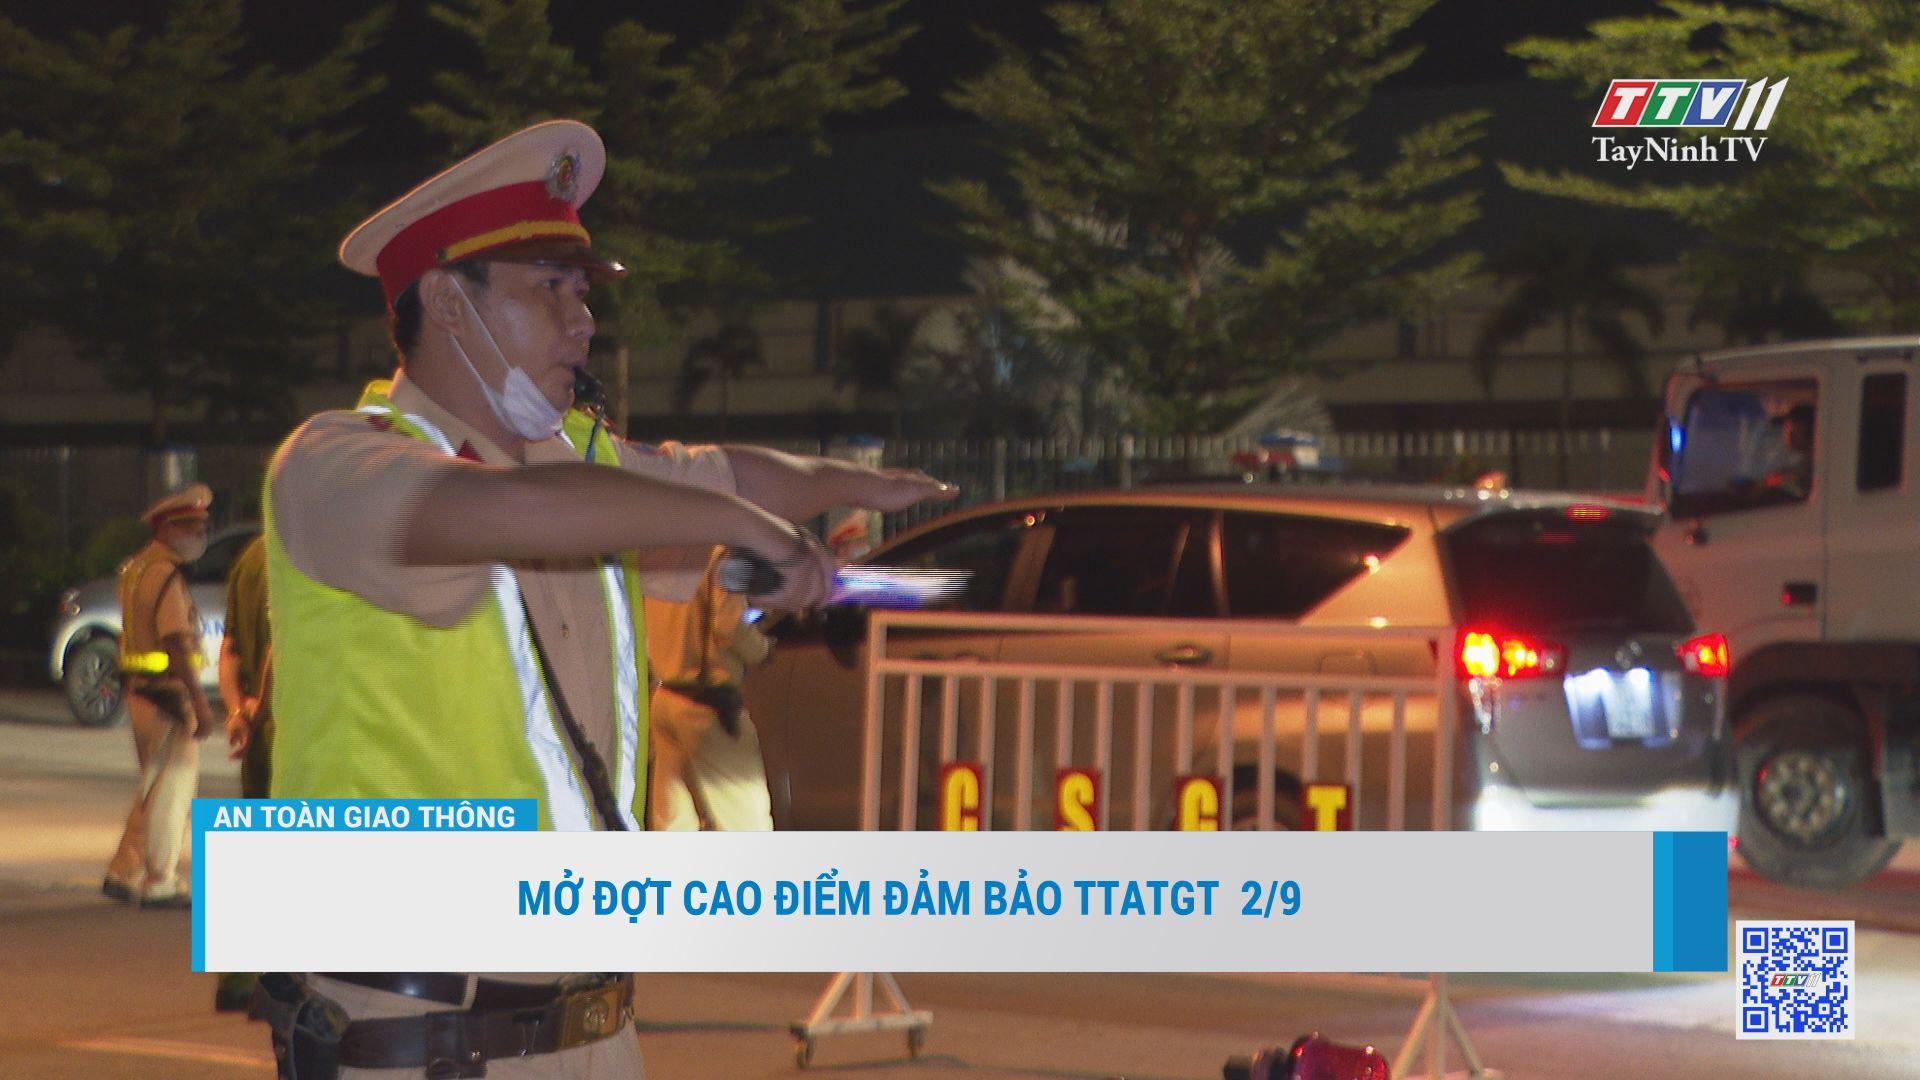 Tai nạn giao thông 8 tháng đầu năm được kéo giảm | AN TOÀN GIAO THÔNG | TayNinhTV